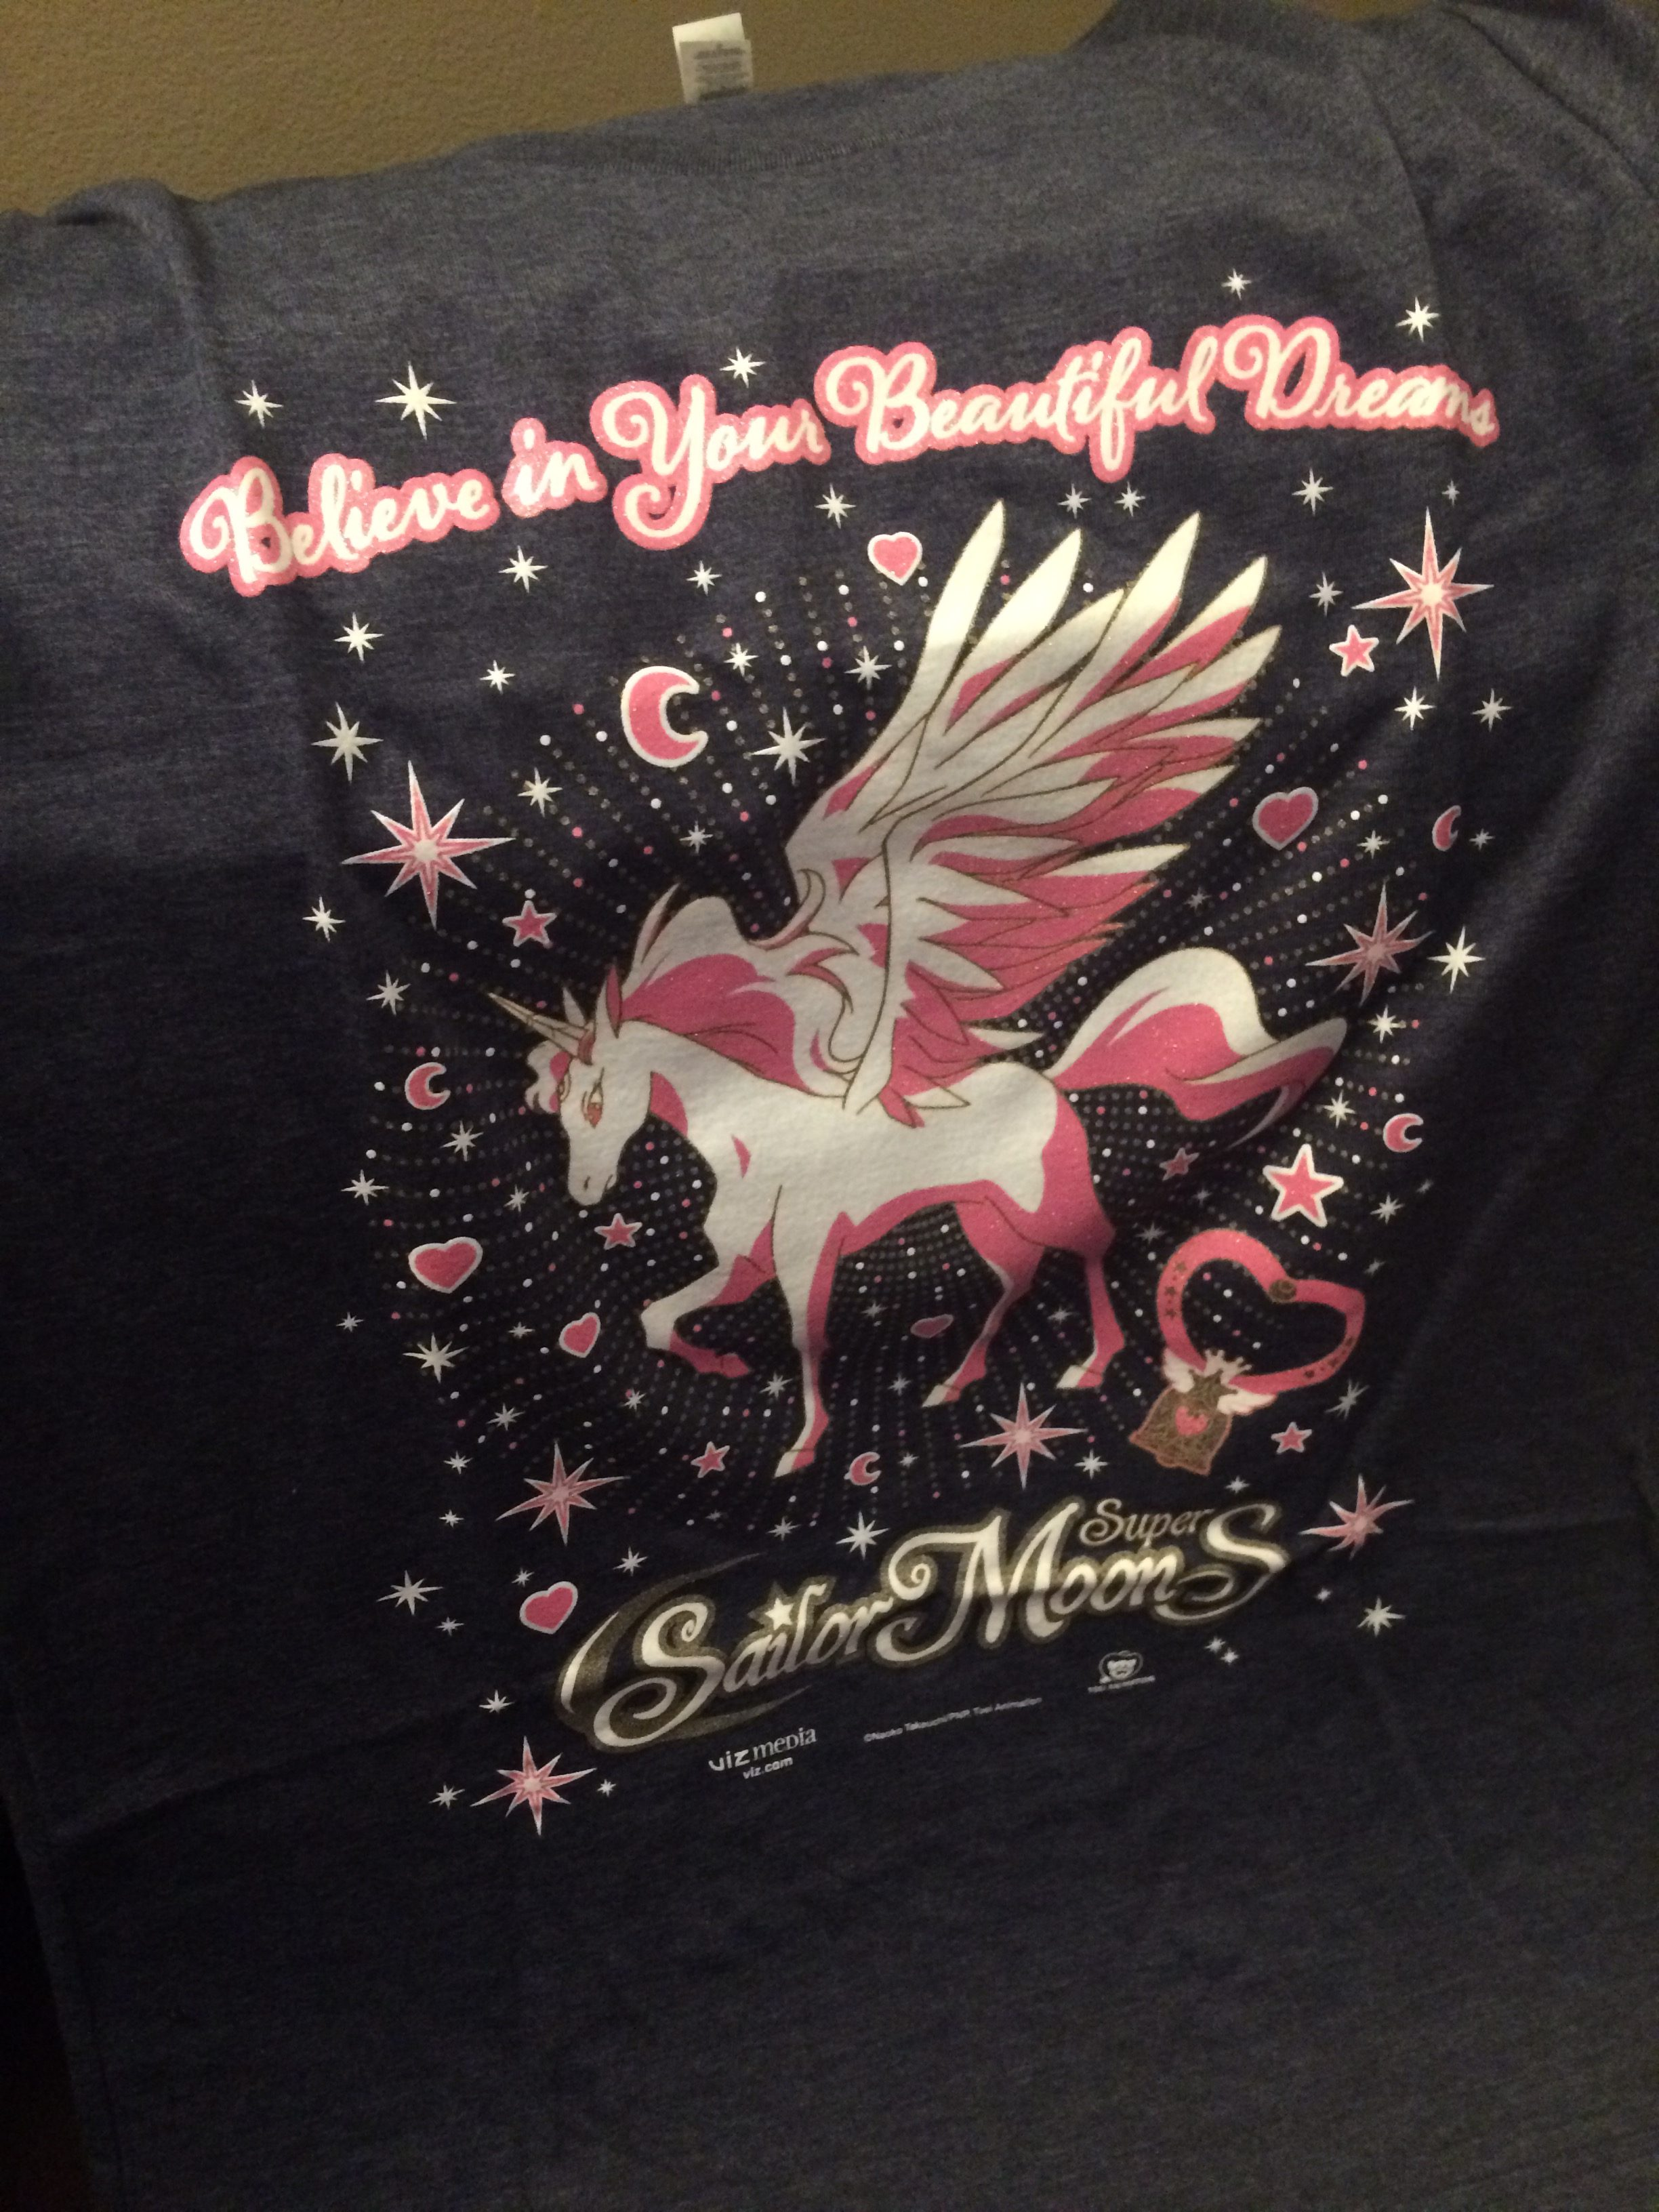 pegasus t-shirt from VIZ